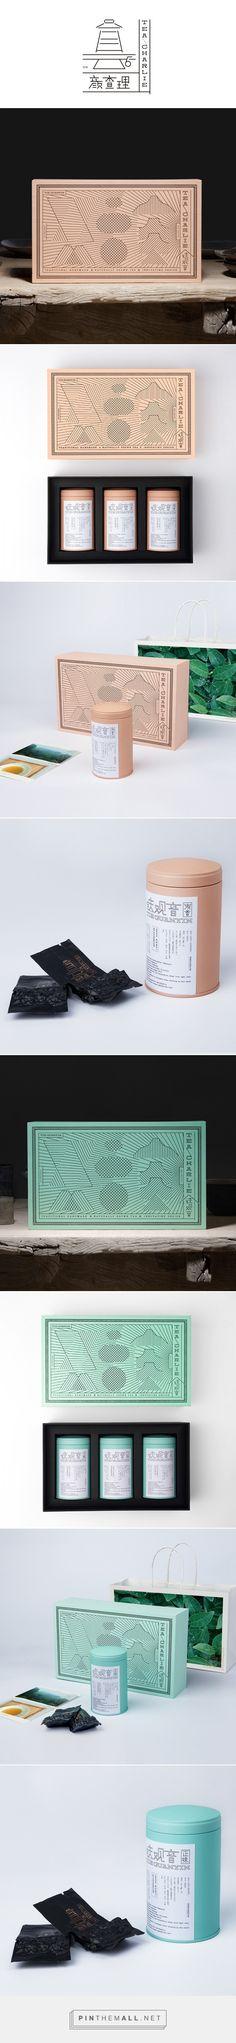 线之乐章,颜查理标志设计 | 壹手设计via iyeslogo curated by Packaging Diva PD. Charlie tea packaging design